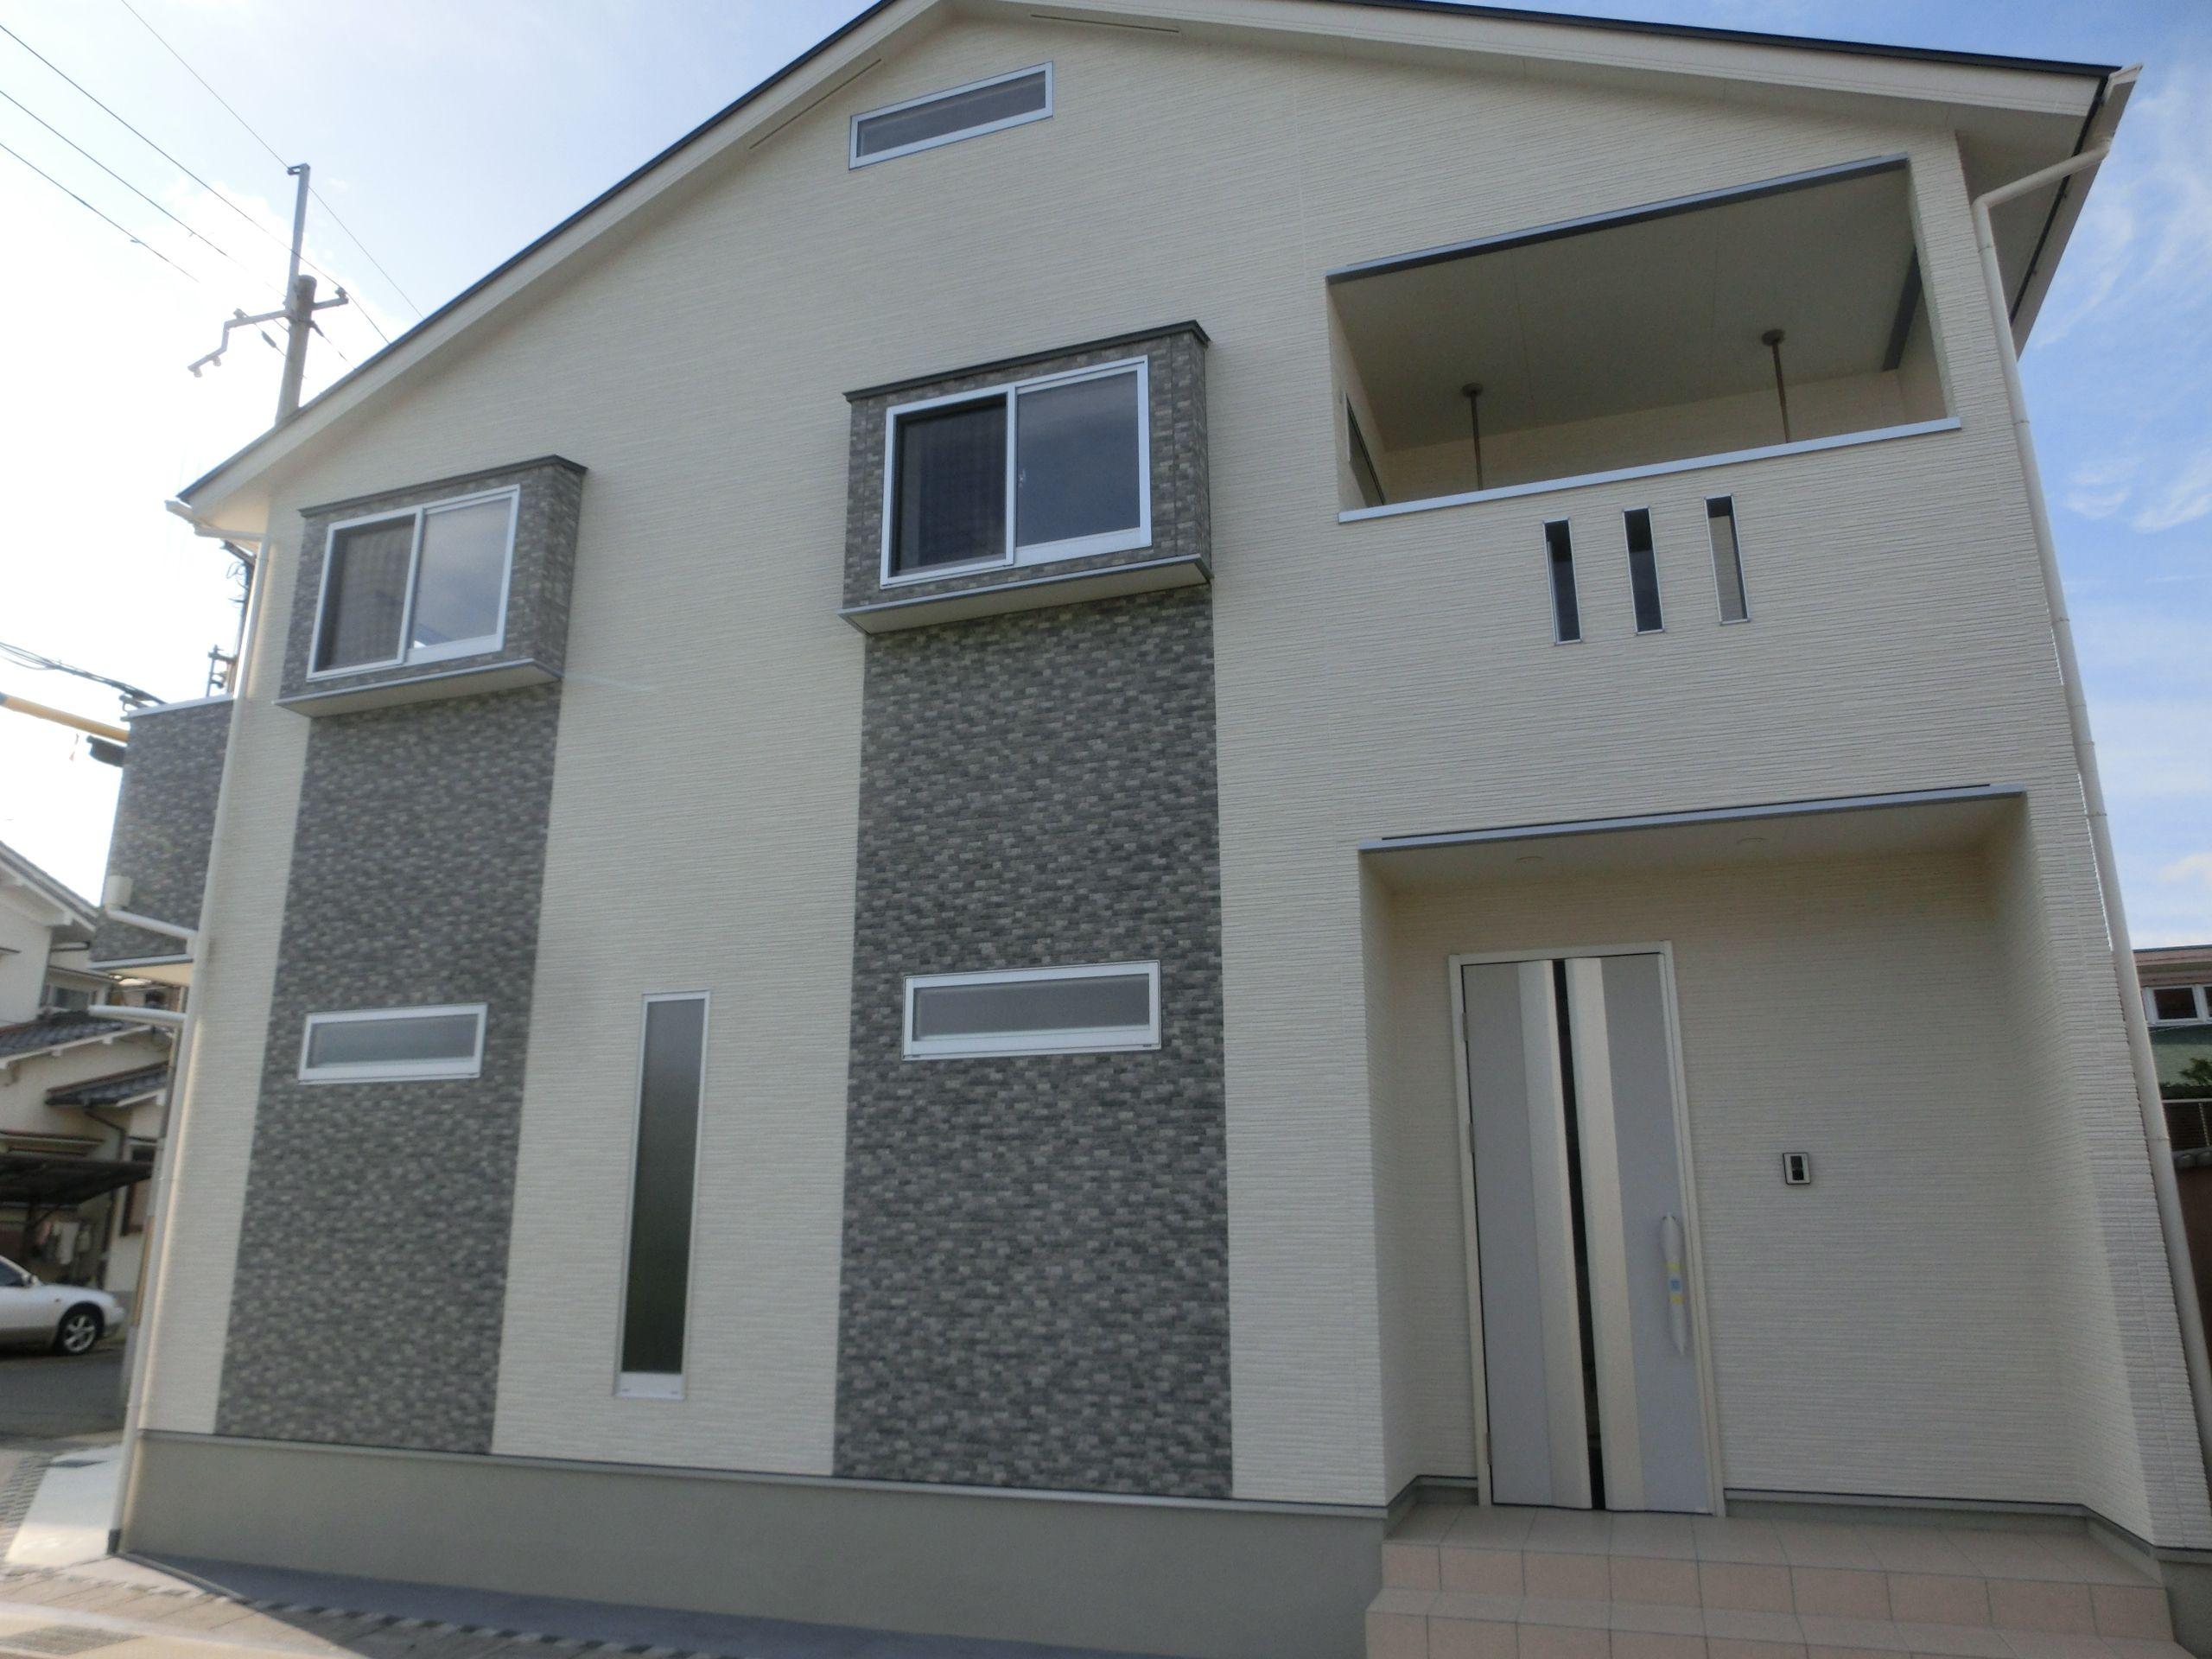 新築 戸建 2階建 外壁 サイディング 窓 暮らし 住まい 窓 施工 戸